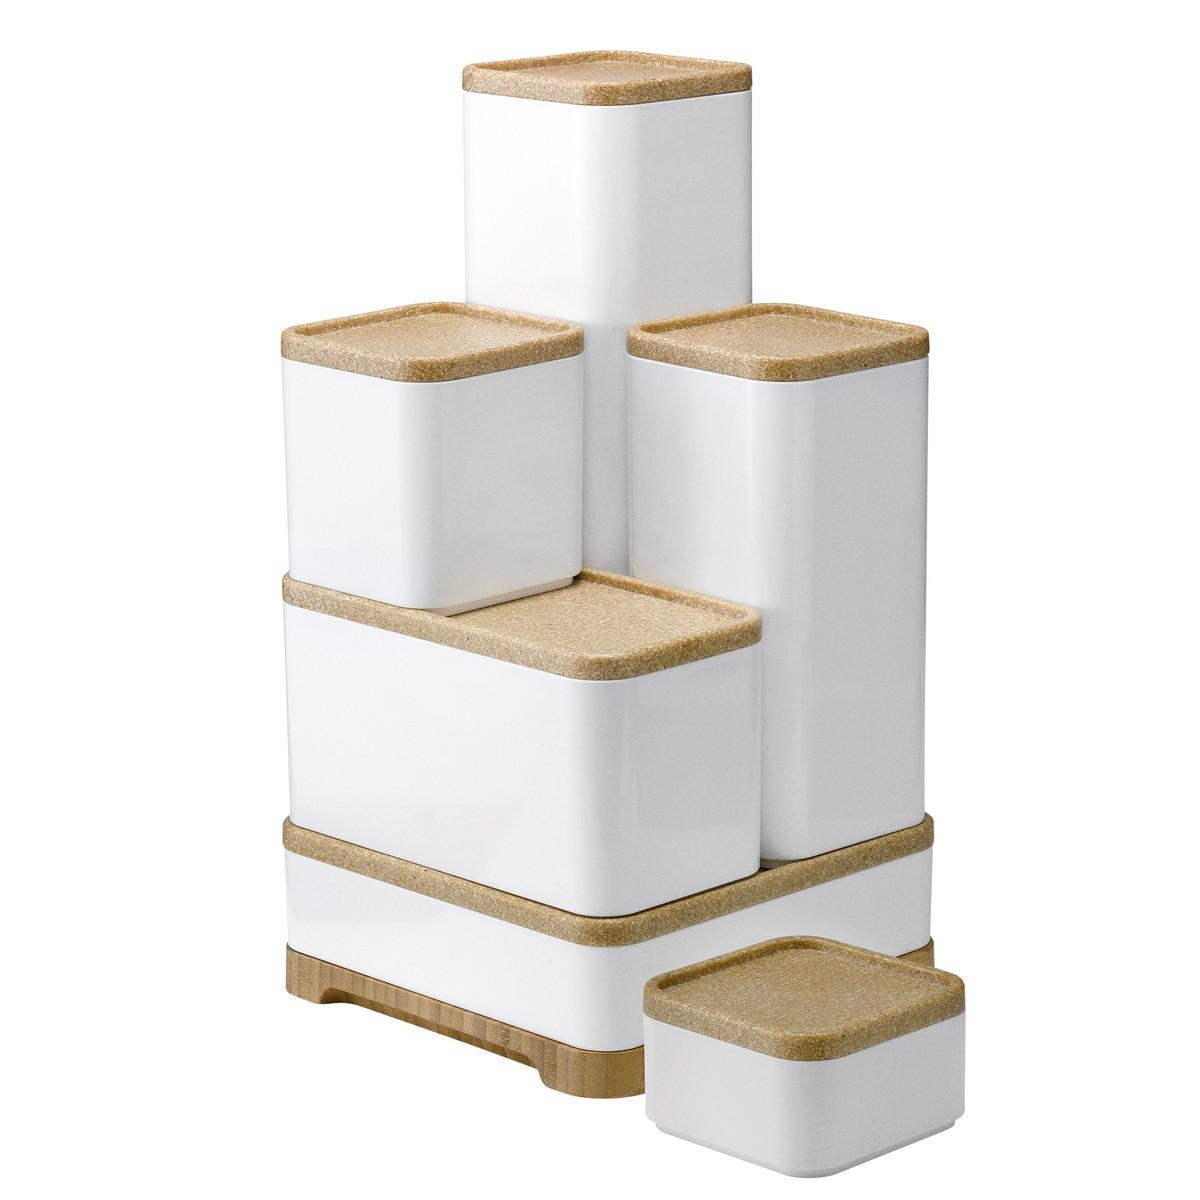 StorageBoxen-Gruppe.jpg 1,200×1,200 pixels